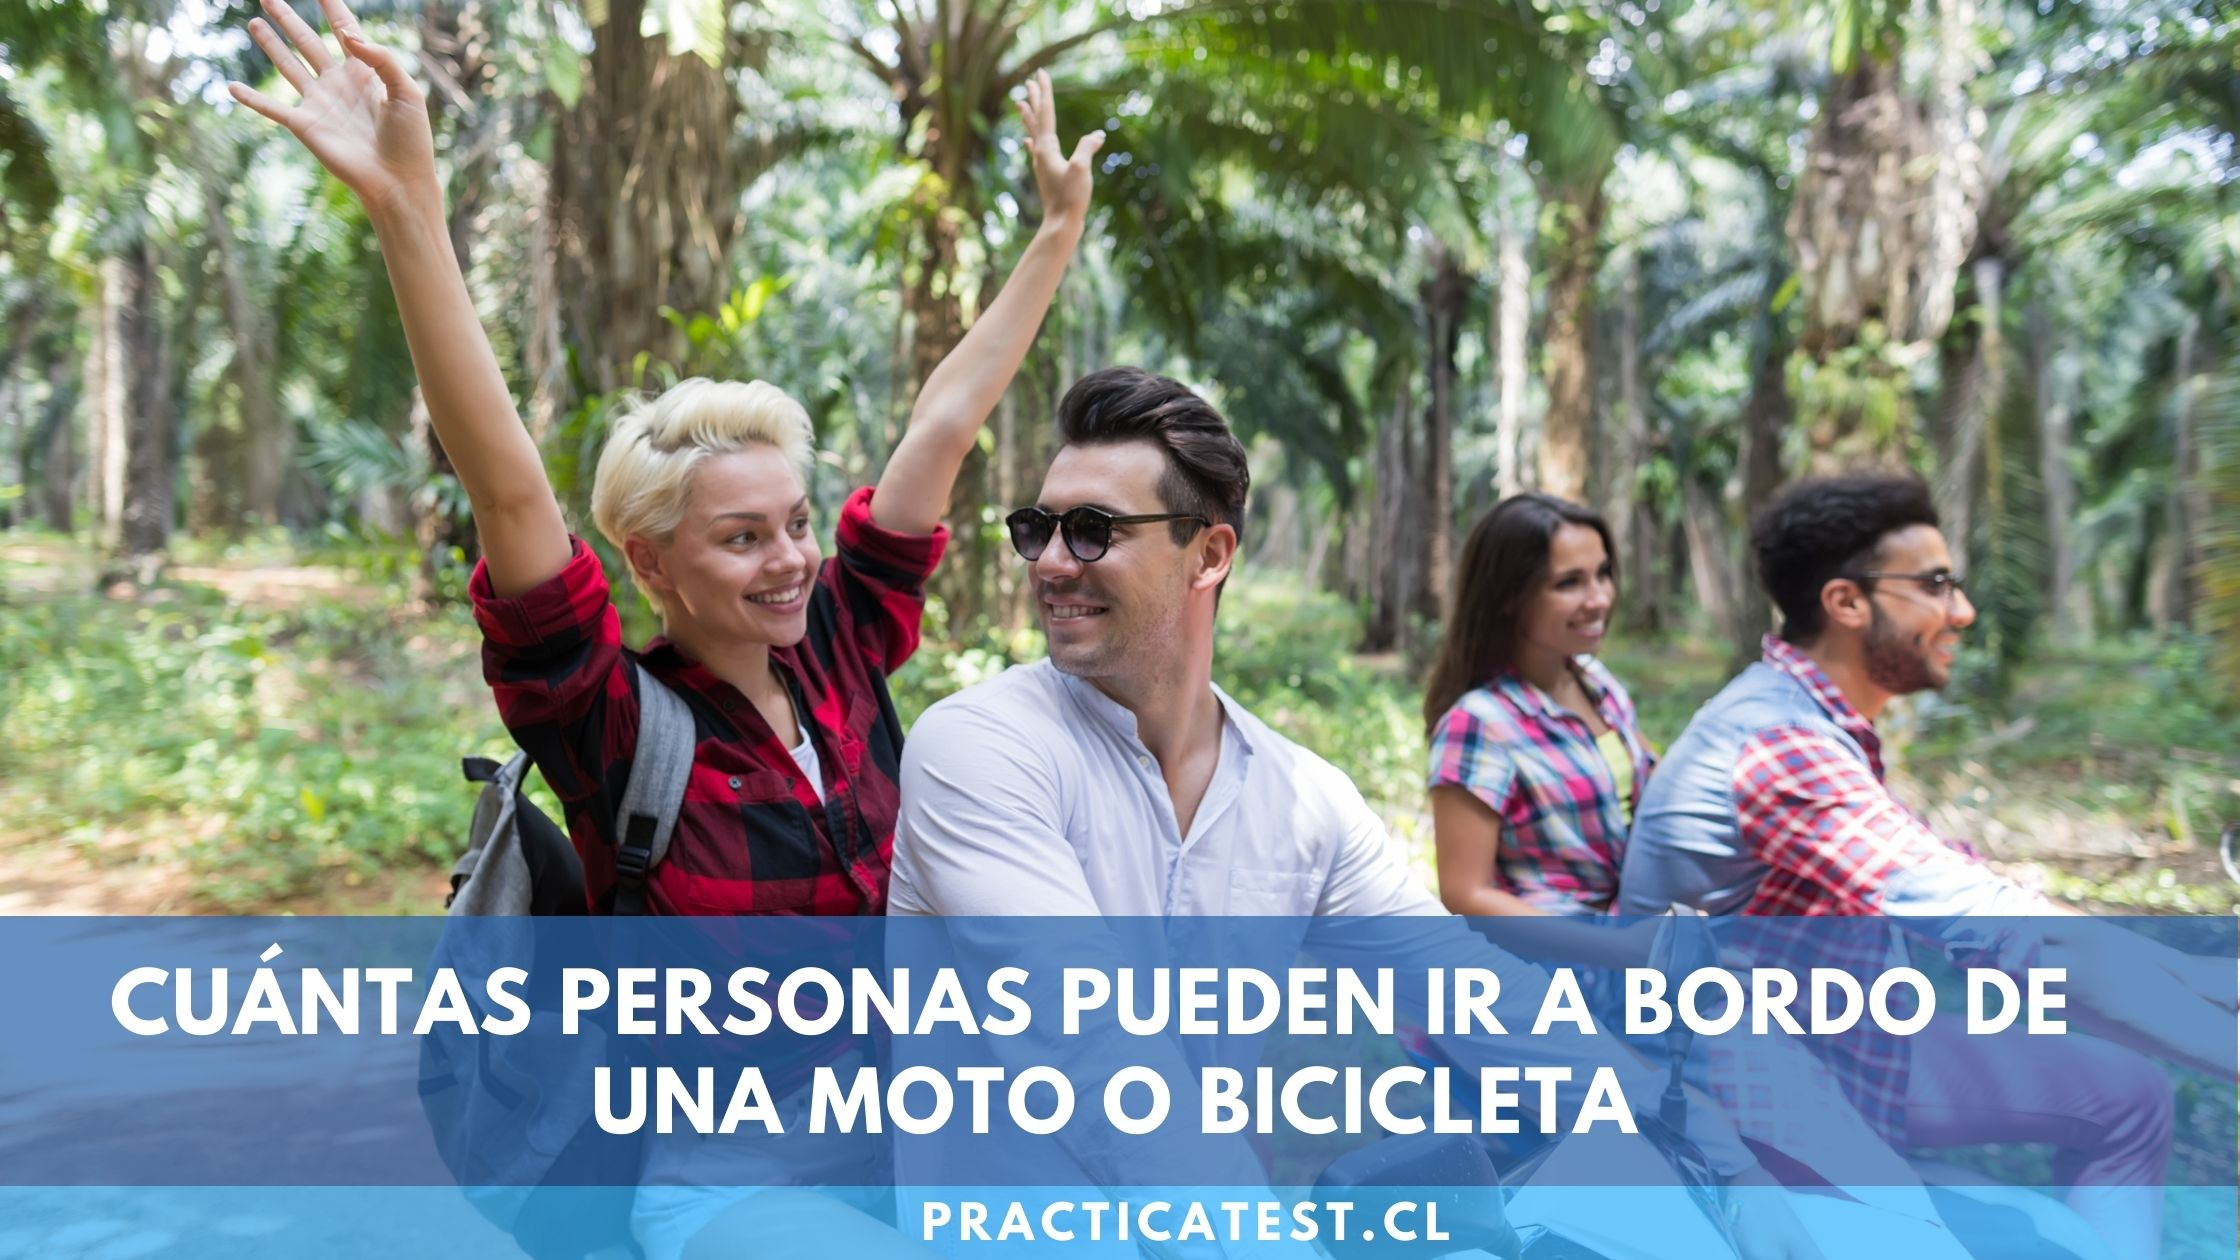 Máximo número de pasajeros permitido en una bicicleta o motocicleta y multas